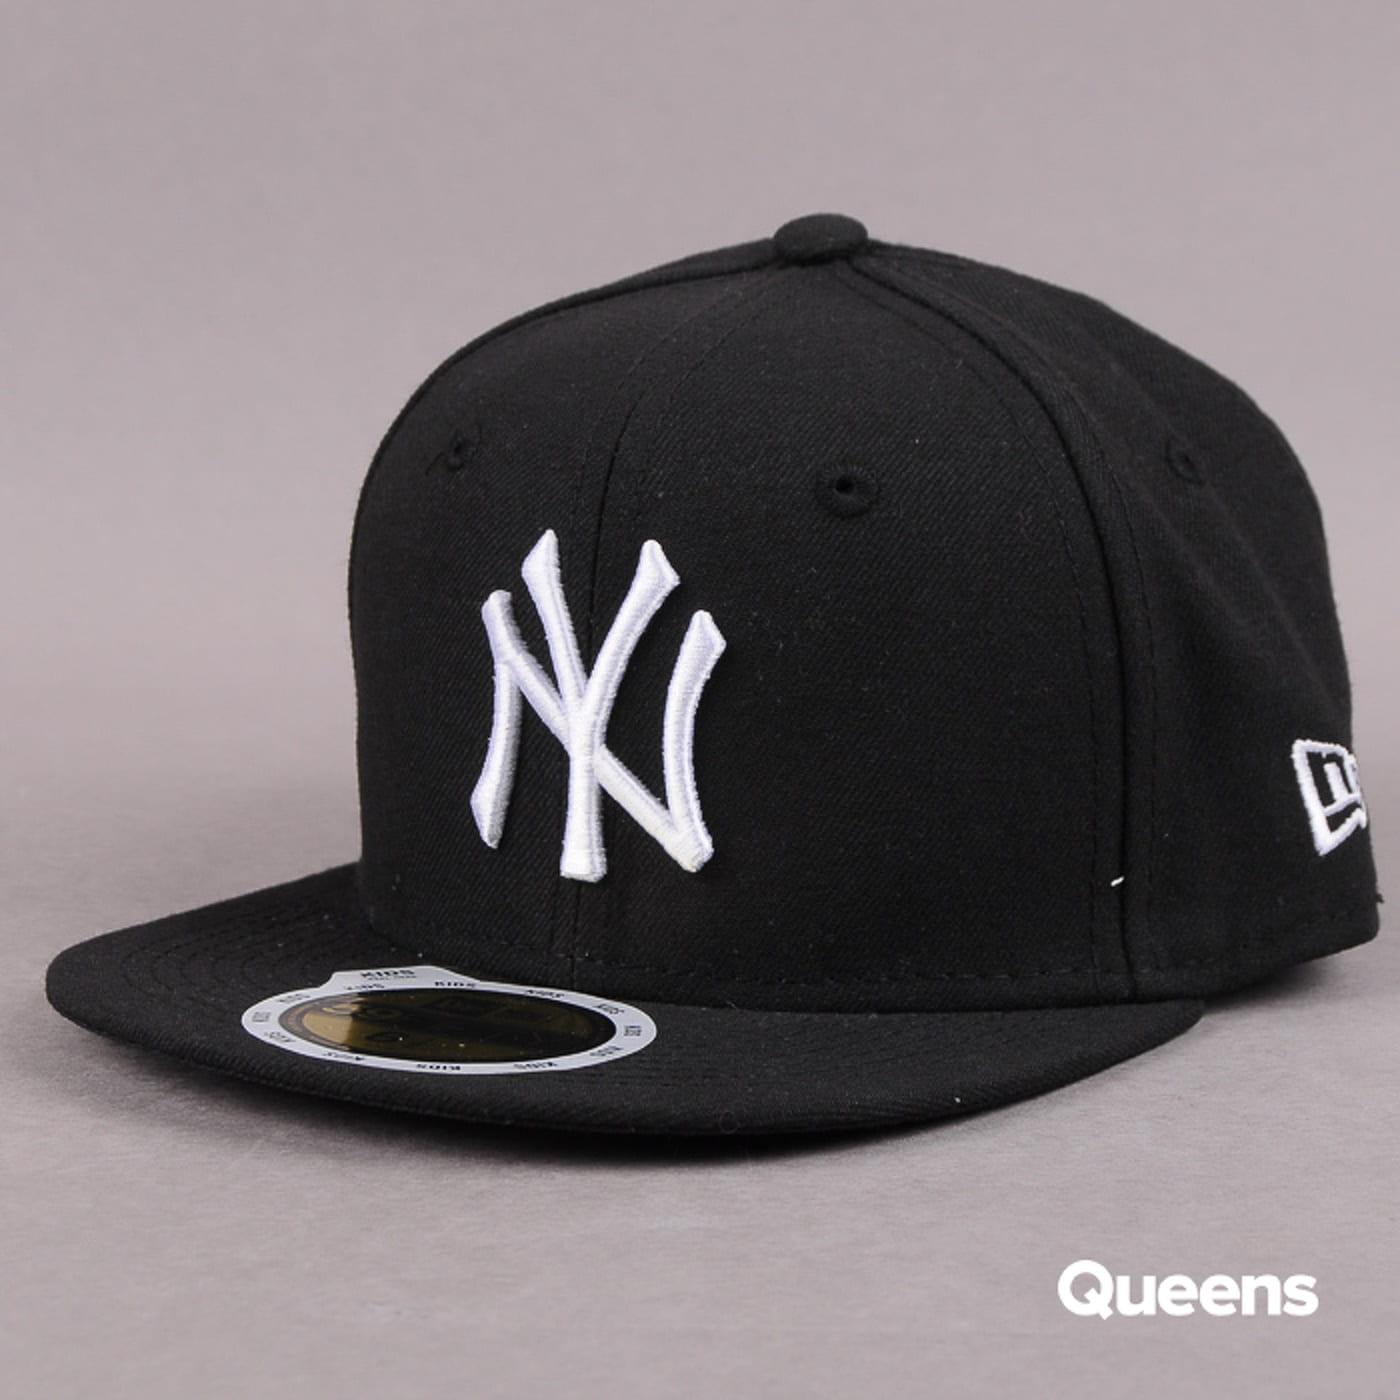 New Era Kids MLB League Basic NY schwarz